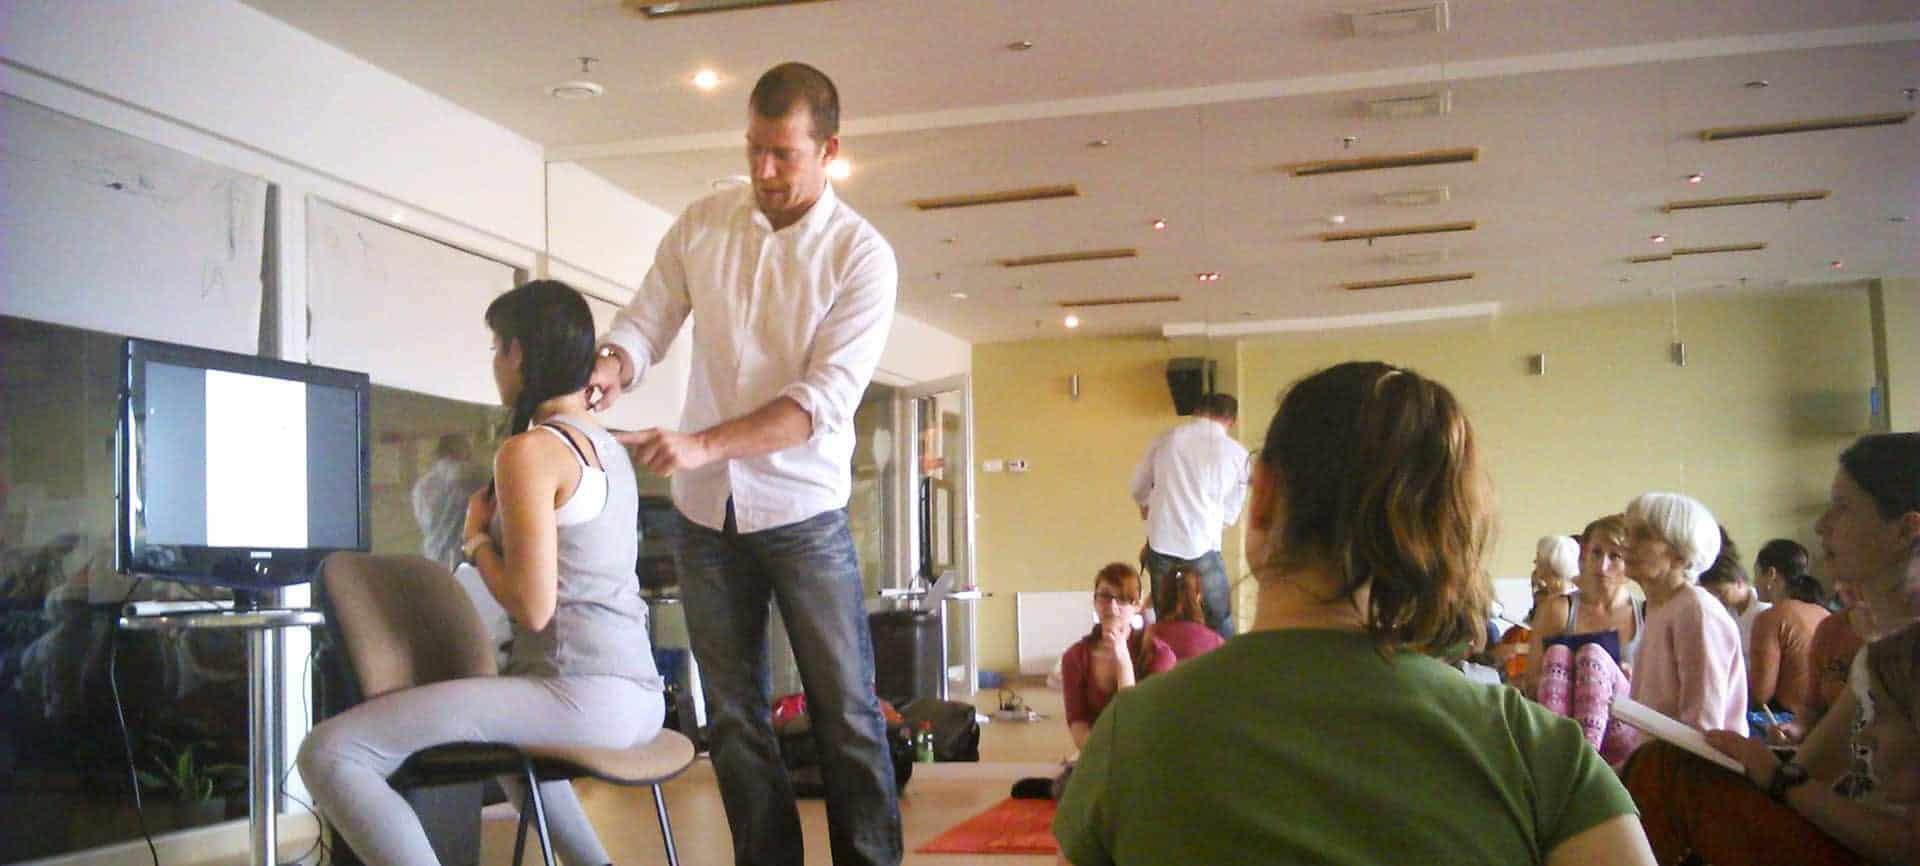 Gerinc és Jóga – alapozó workshop jógaoktatóknak 1